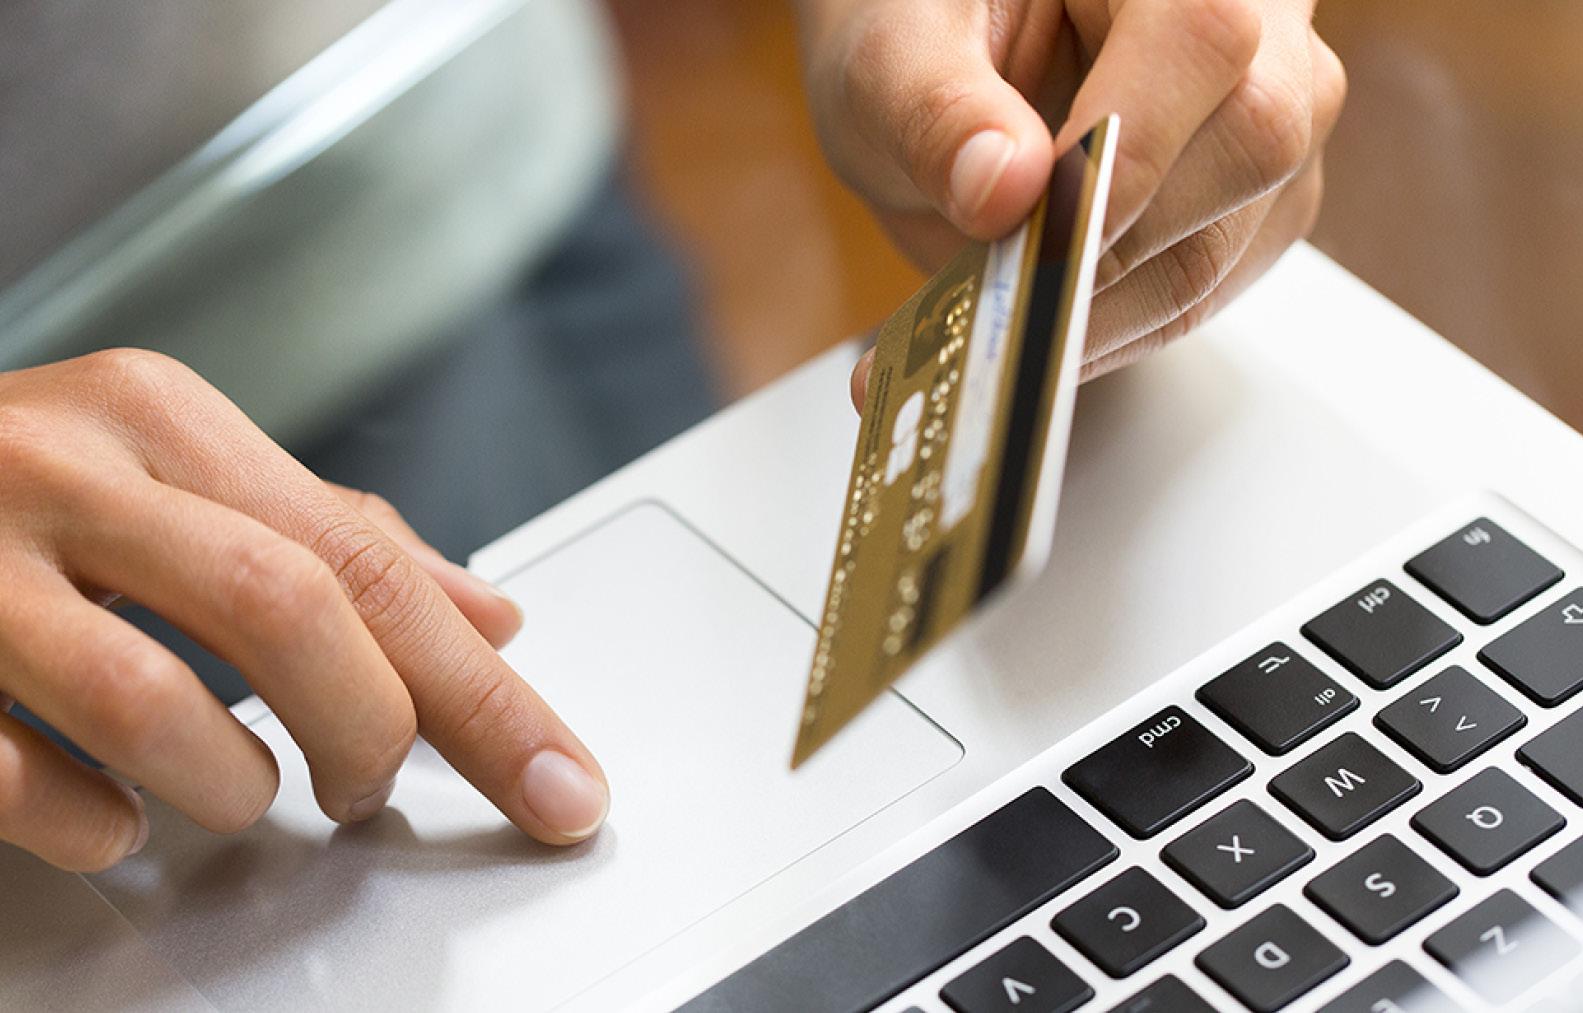 Что важно учитывать в системе процессинга платежей